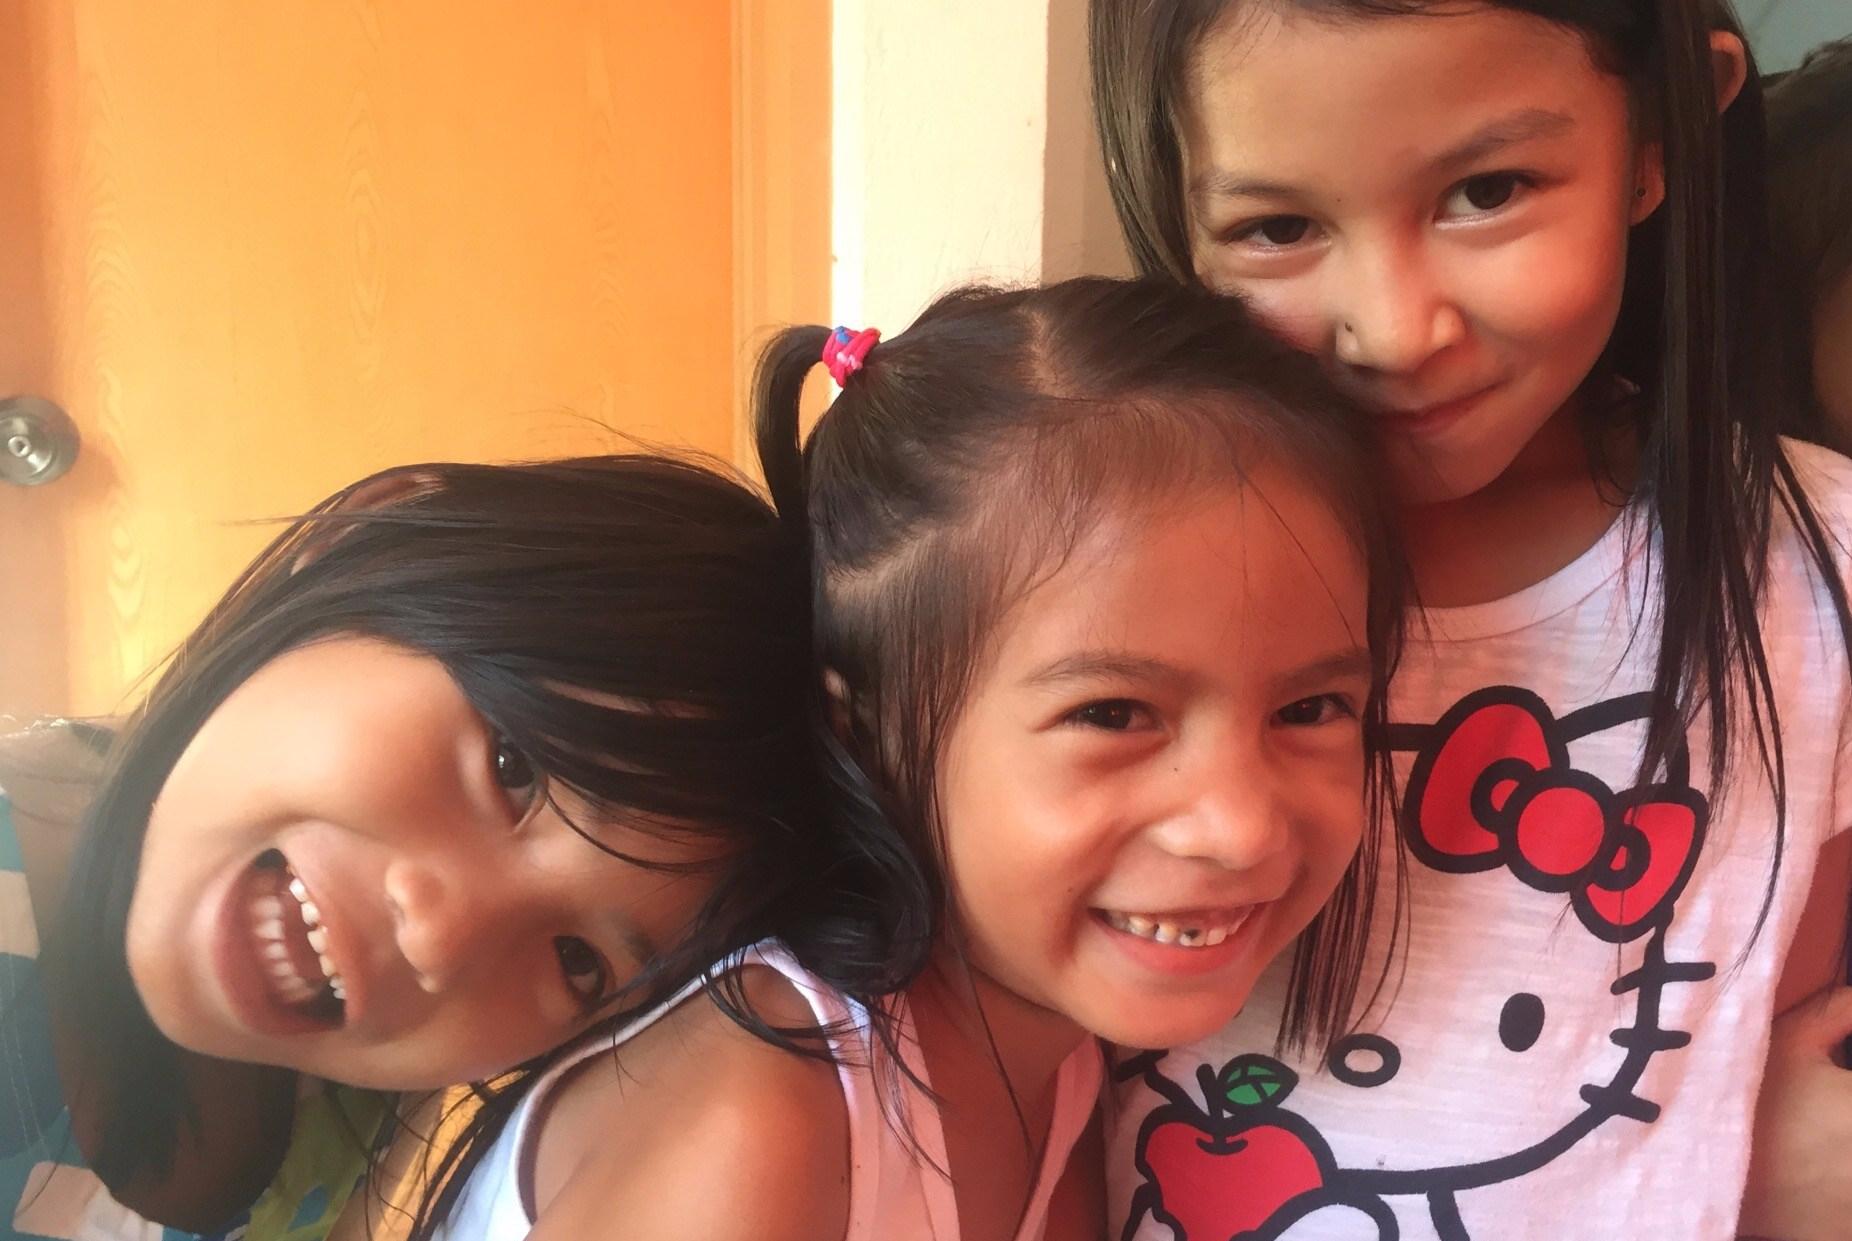 Skolbarn_filippinerna